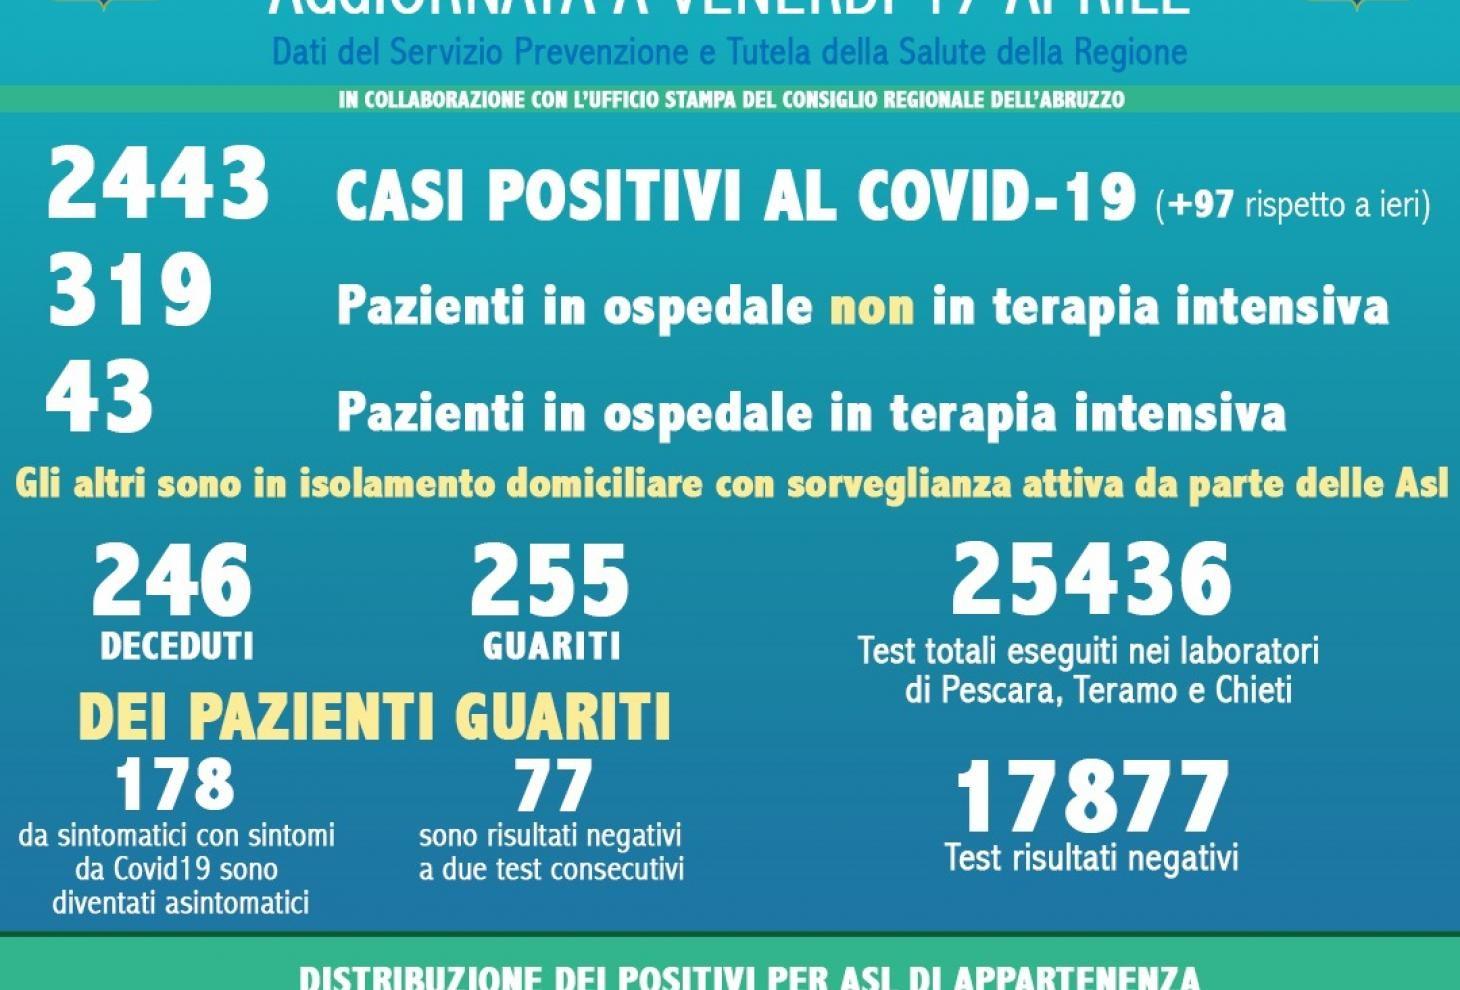 Coronavirus in Abruzzo, casi positivi a 2443, si registra un aumento di 97 casi